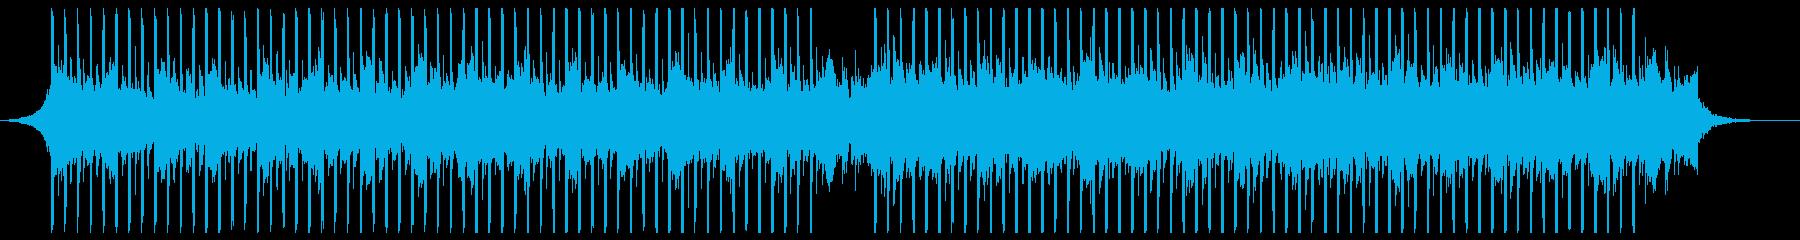 マーケティング(70秒)の再生済みの波形